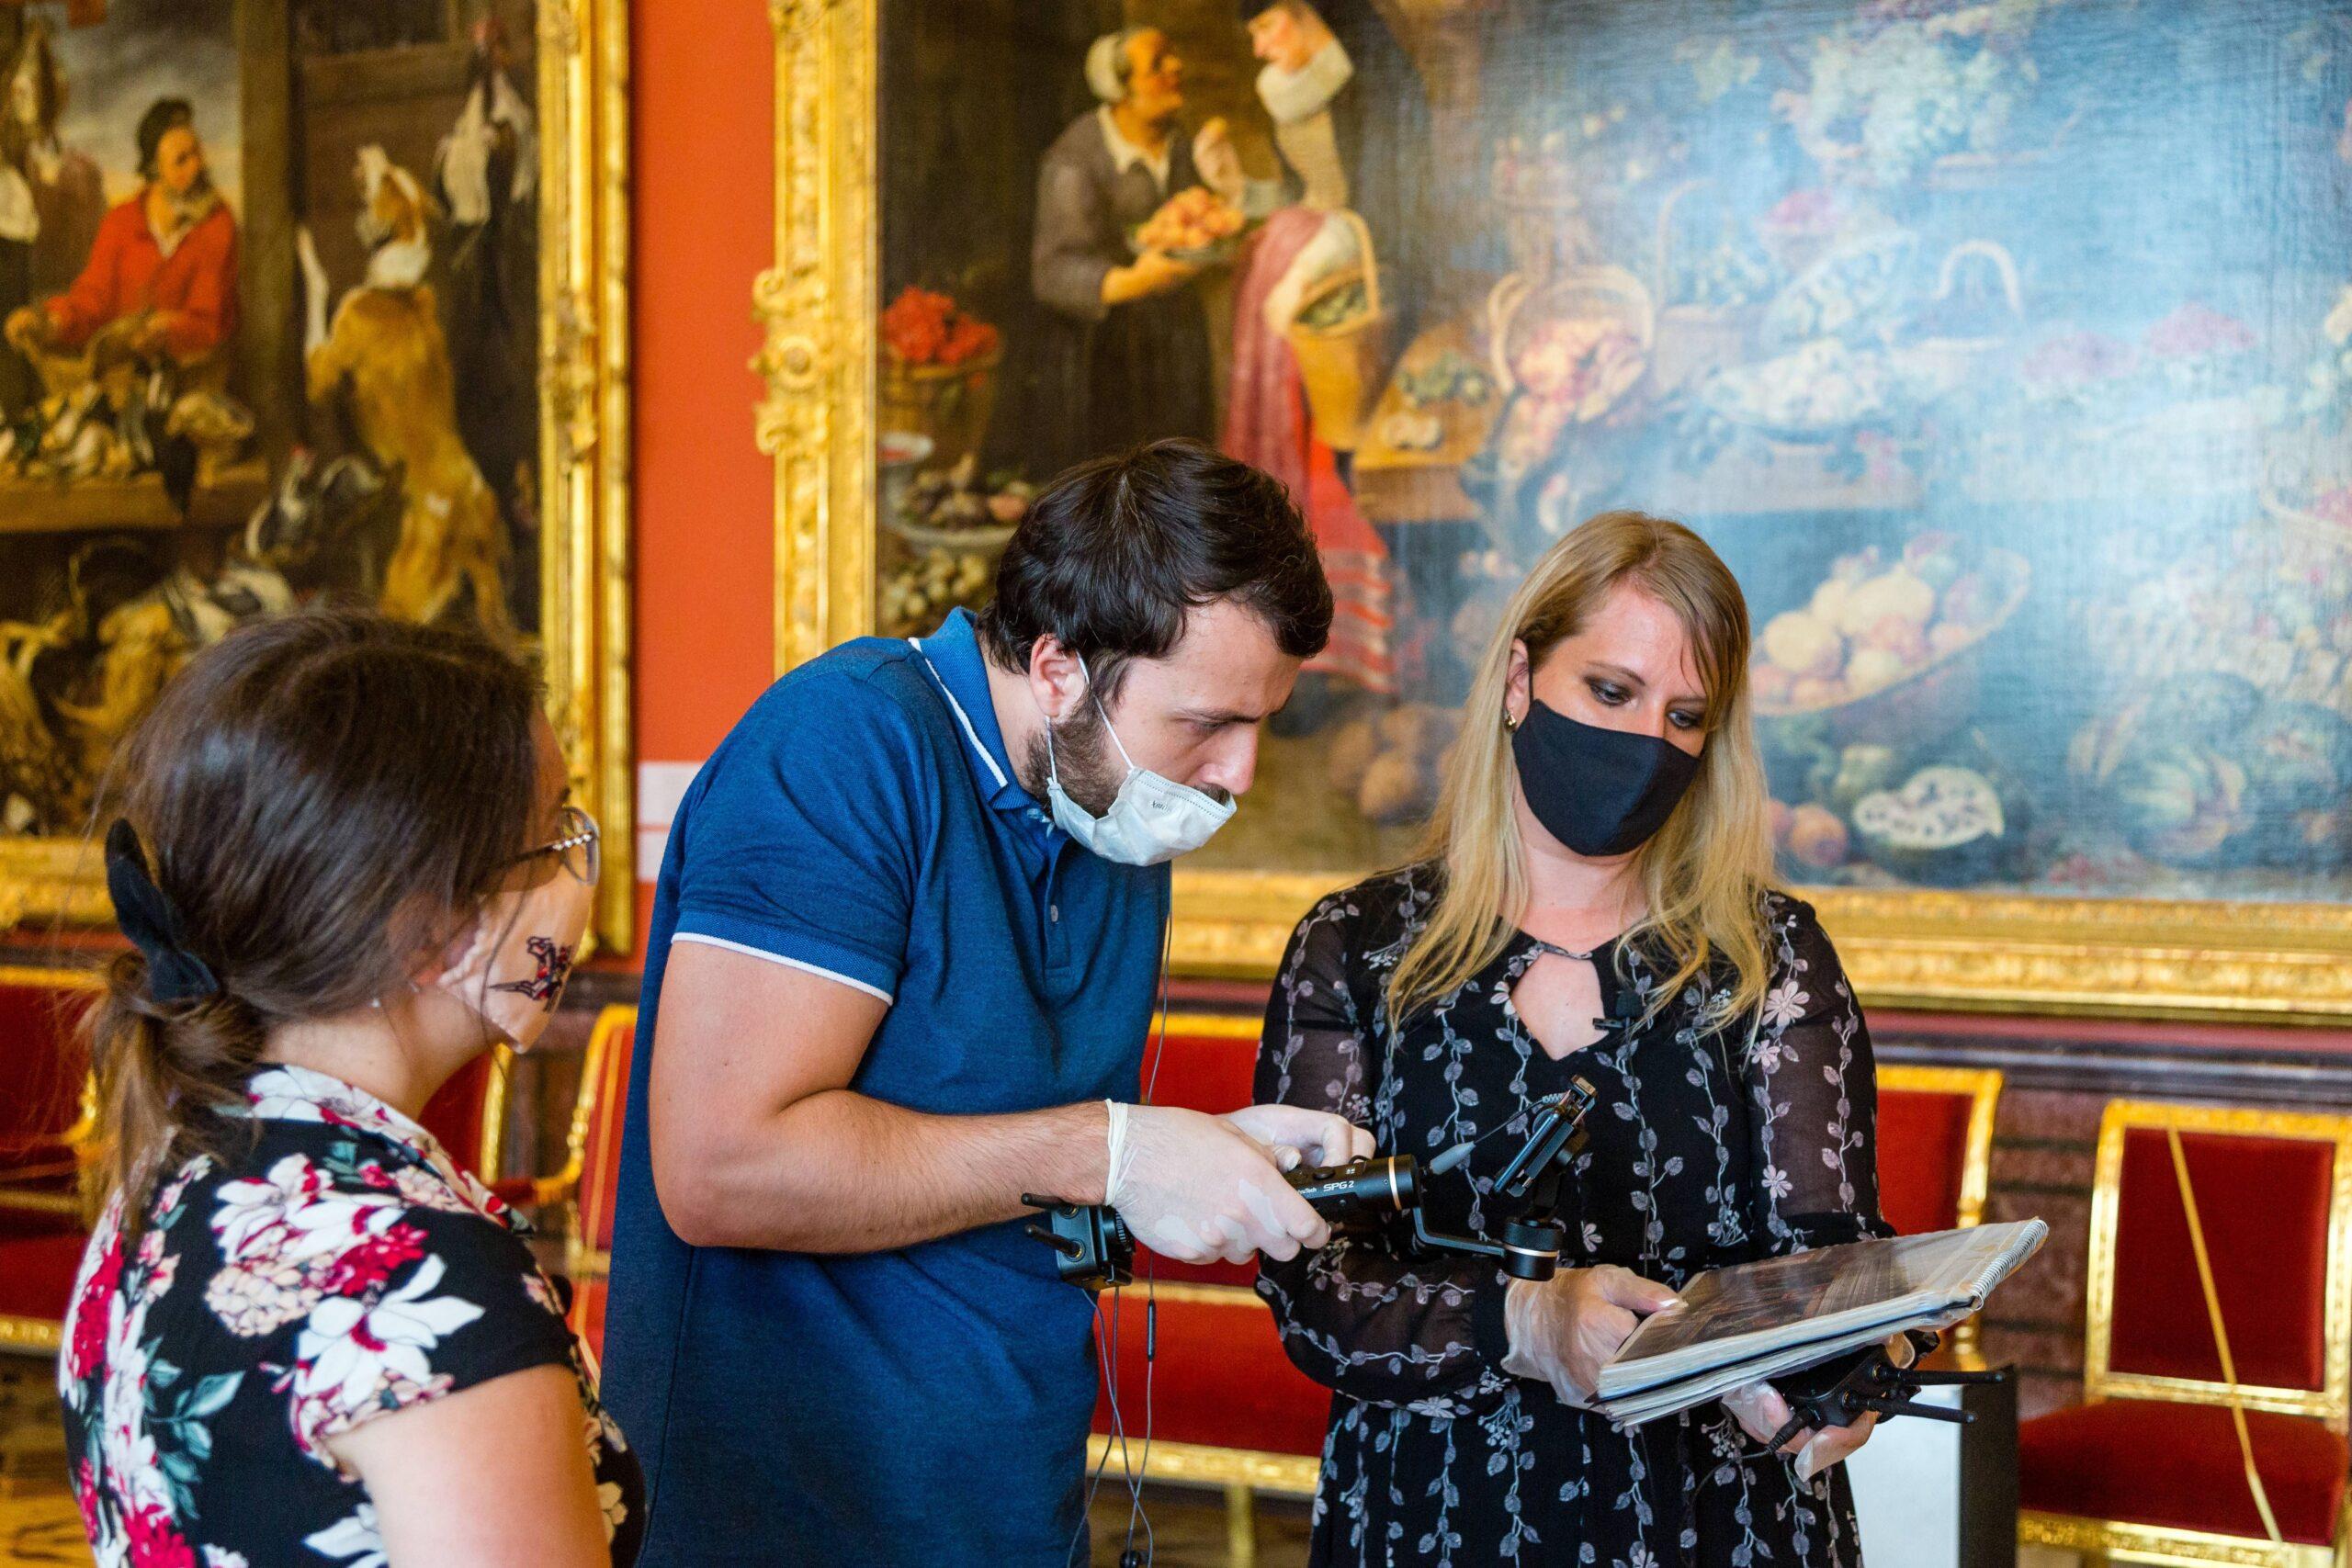 Riecco l'Ermitage. Dopo 4 mesi torna accessibile uno dei più importanti musei al mondo